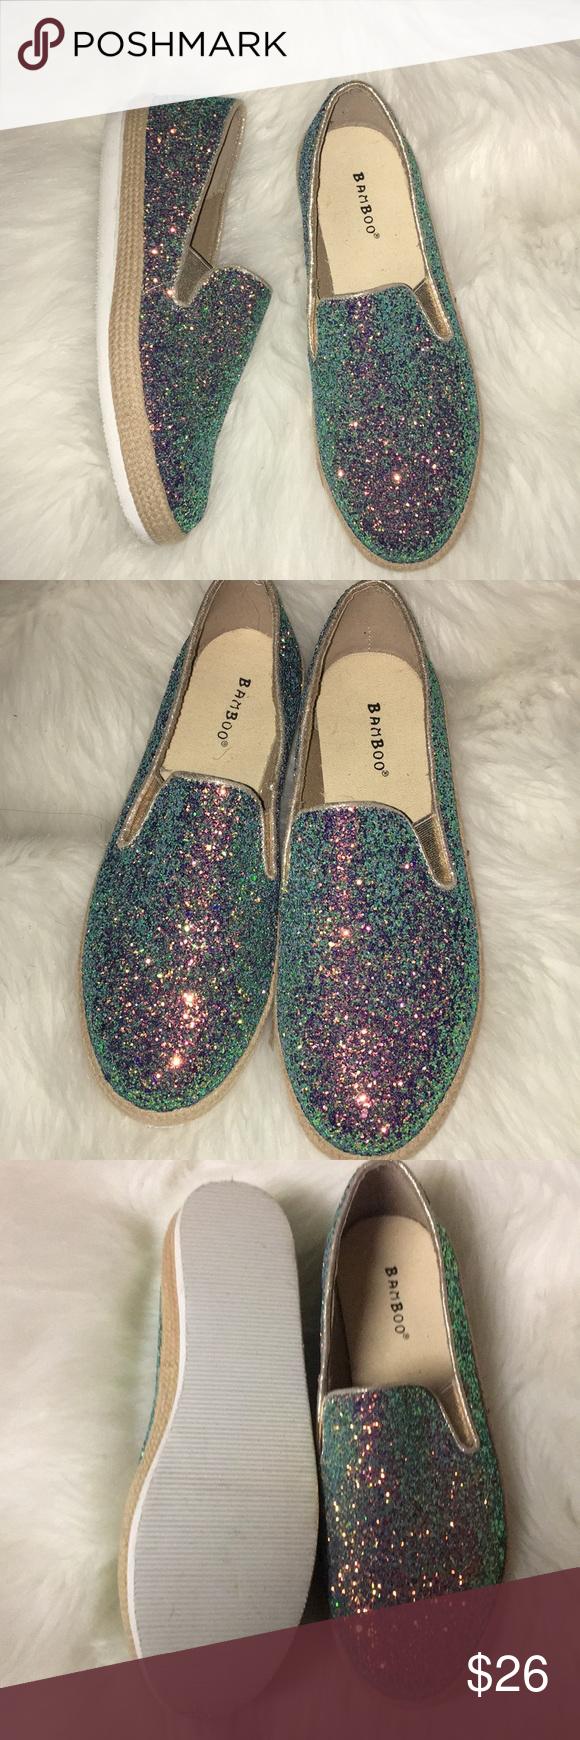 womens glitter sneakers size 11